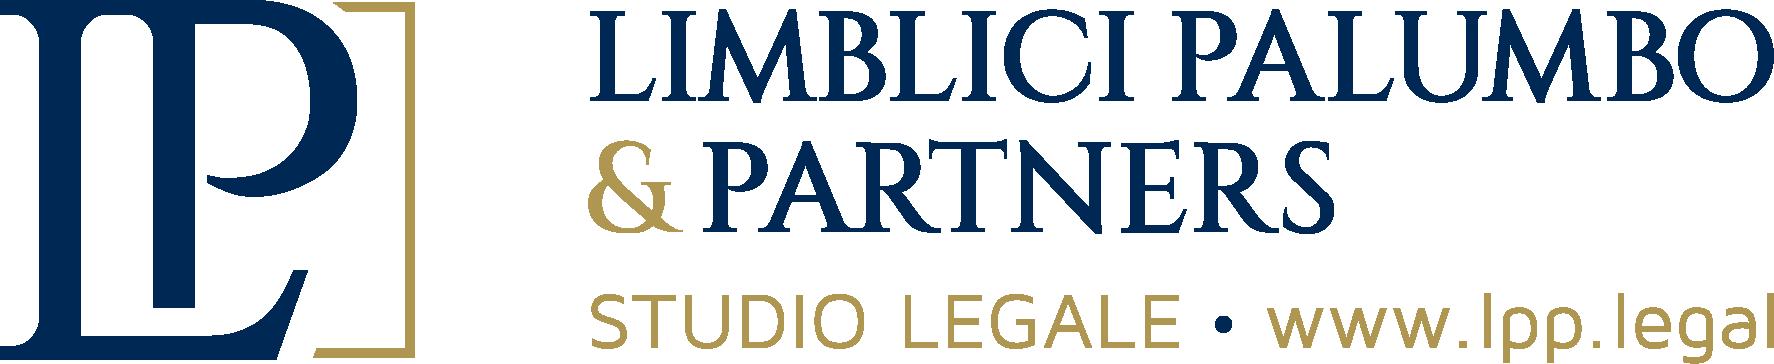 Studio Legale LPP